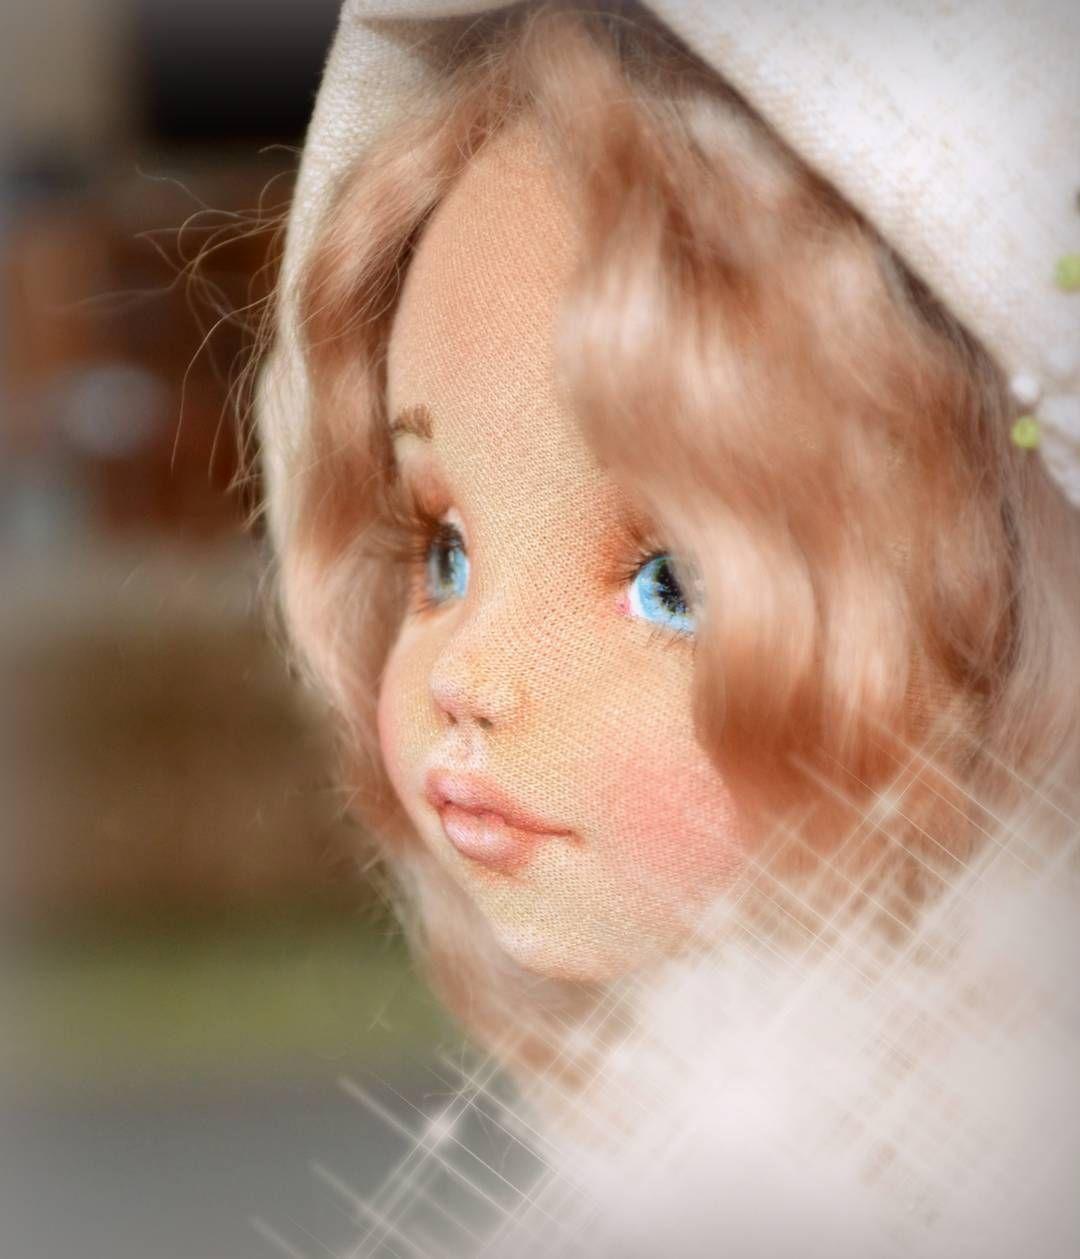 Начало новой кукольной жизни у меня - голова  А у вас товарищи кукольники, с чего начинается кукла? Интересно же  поделитесь!  #процессы #рукоделие #кукла #творчество